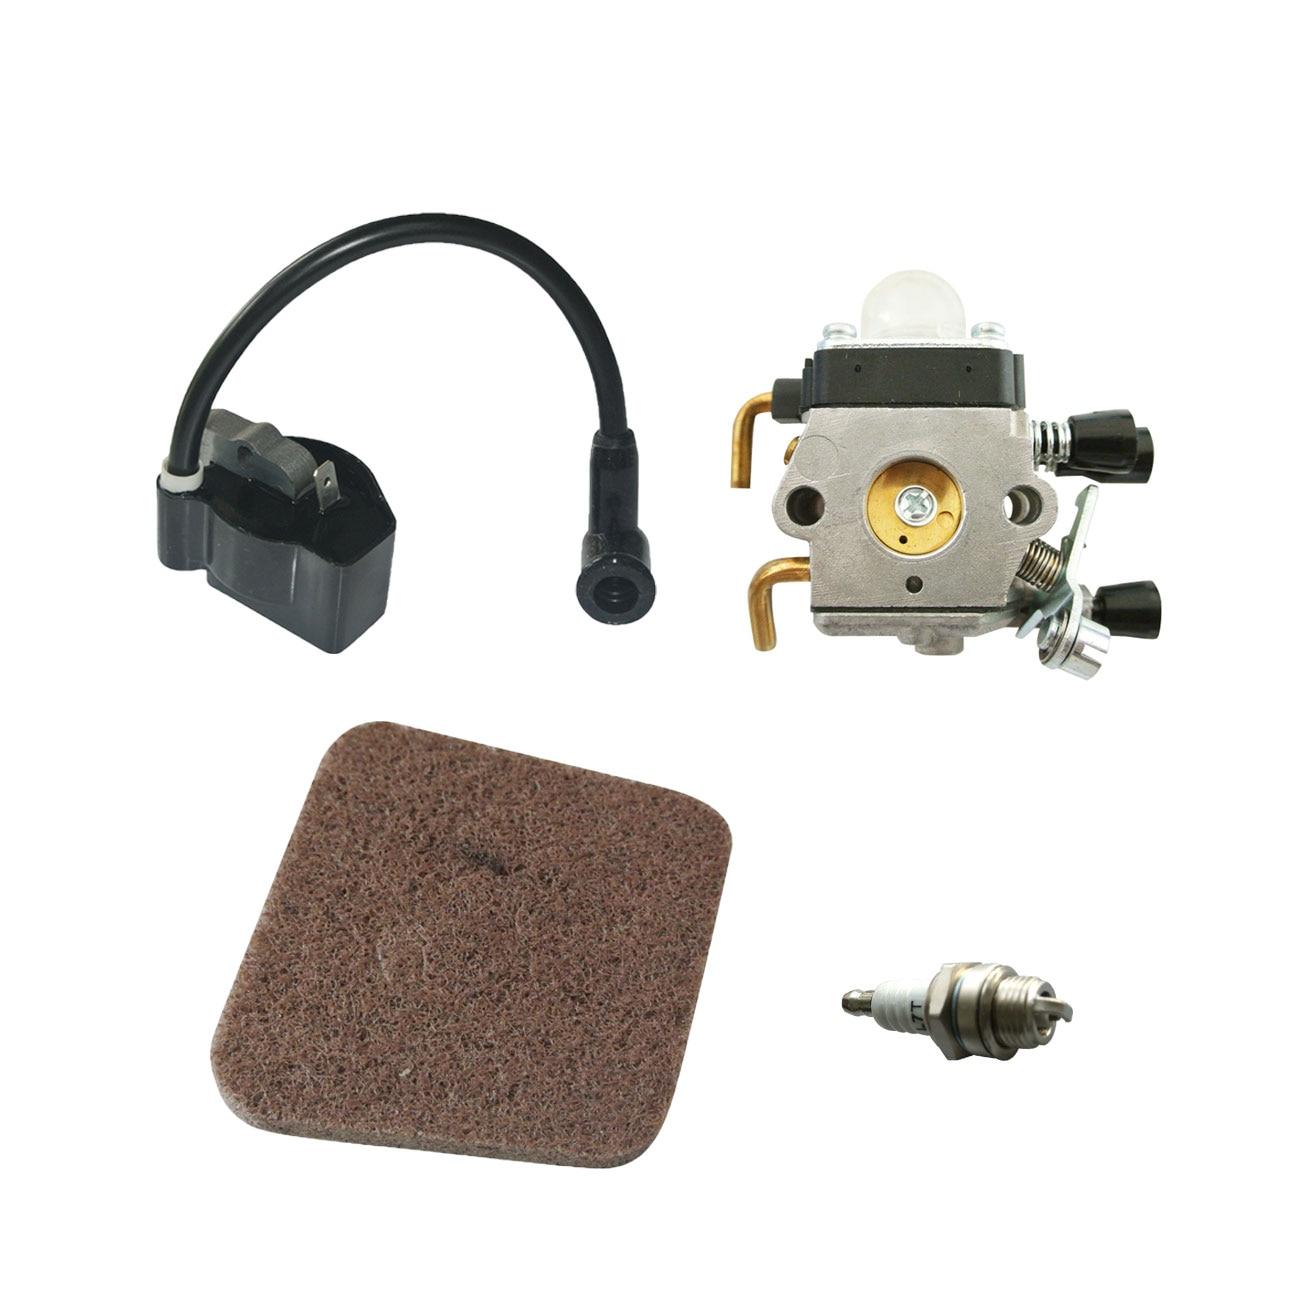 Carburetor Ignition Coil Spark Plug Air Filter For STIHL FS38 FS45 FS46 FS55 KM55 Brushcutter Trimmer carburetor carburador gasket for stihl fs38 fs45 fs46 fs55 fc55 fs74 fs75 fs76 fs80 km55 km80 km85 carb zama c1q s143 c1q s153